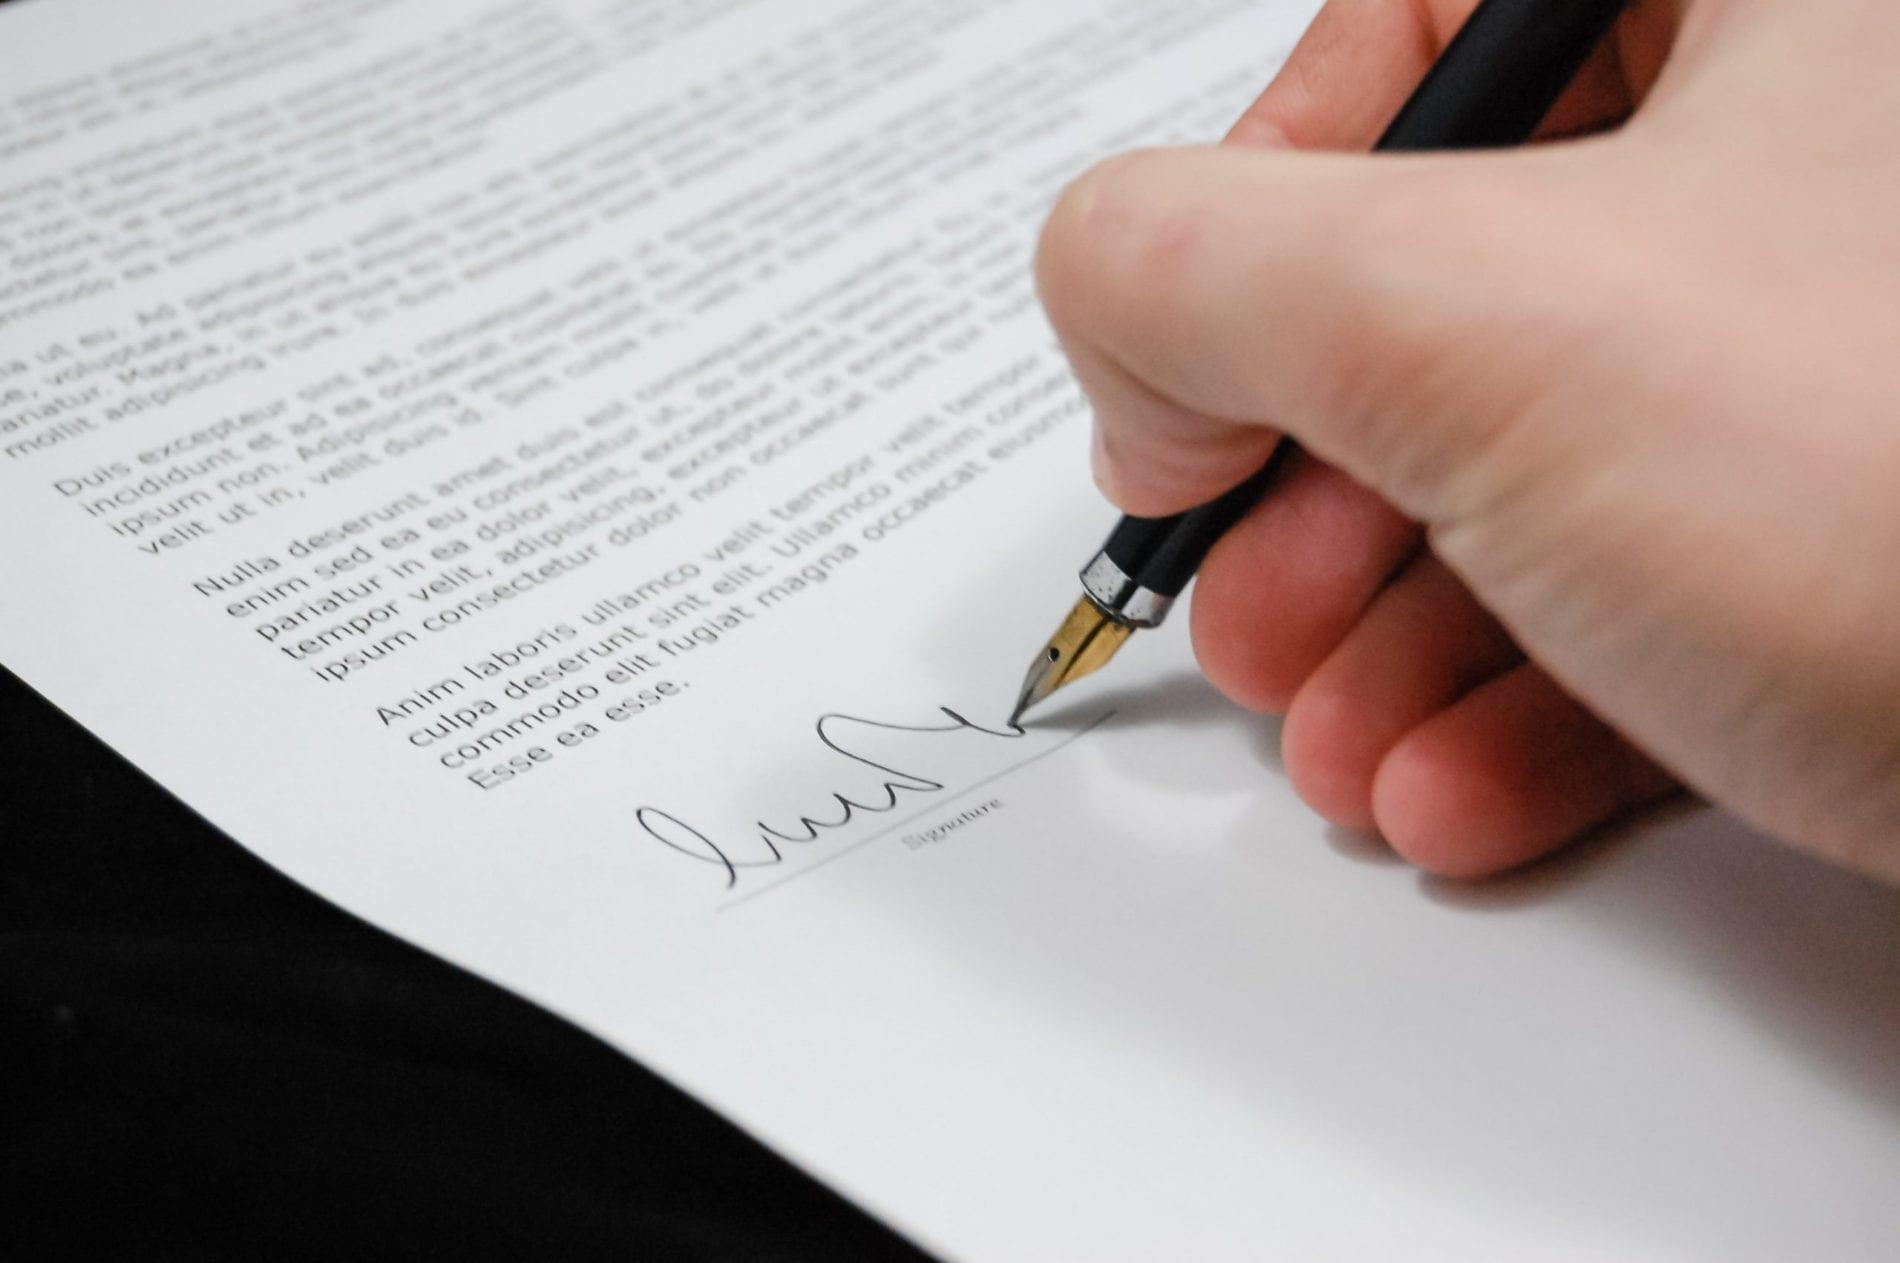 podpis - dokument